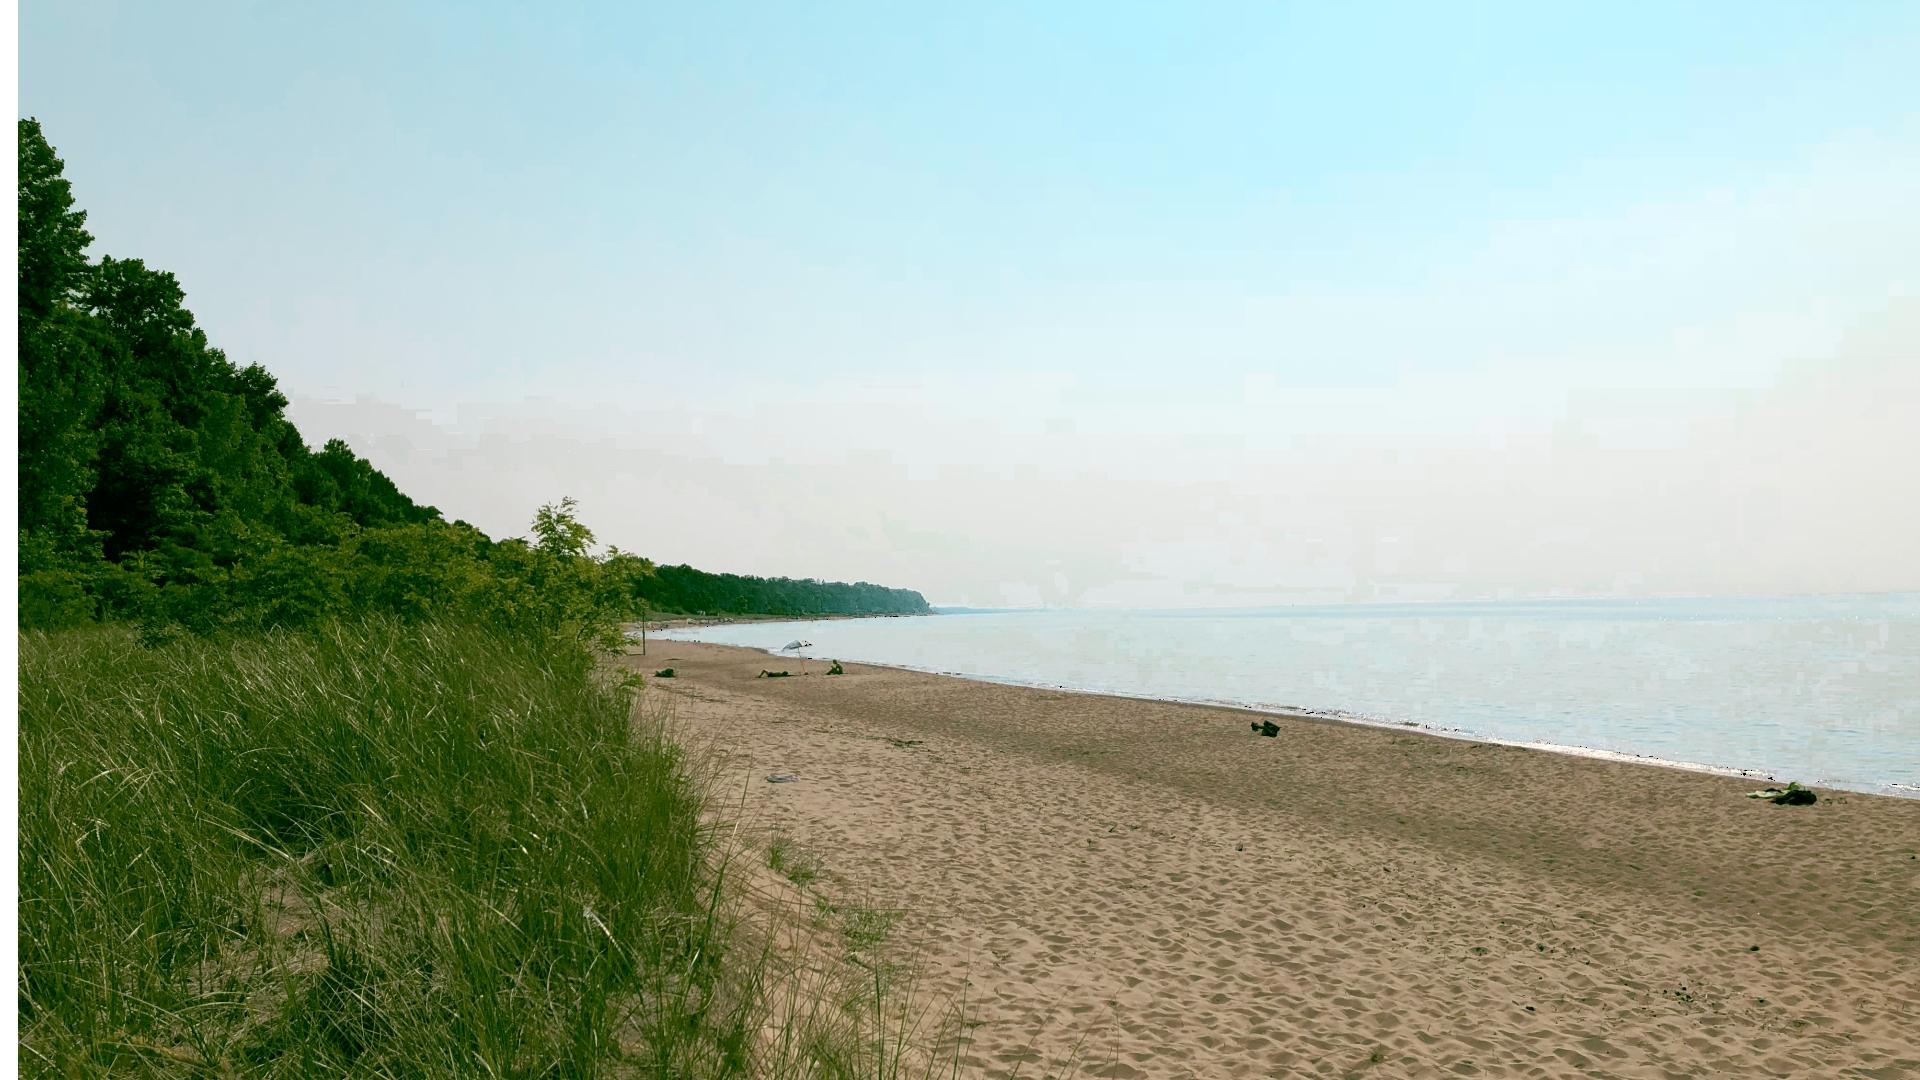 casadeplaya beach 16  9.JPG